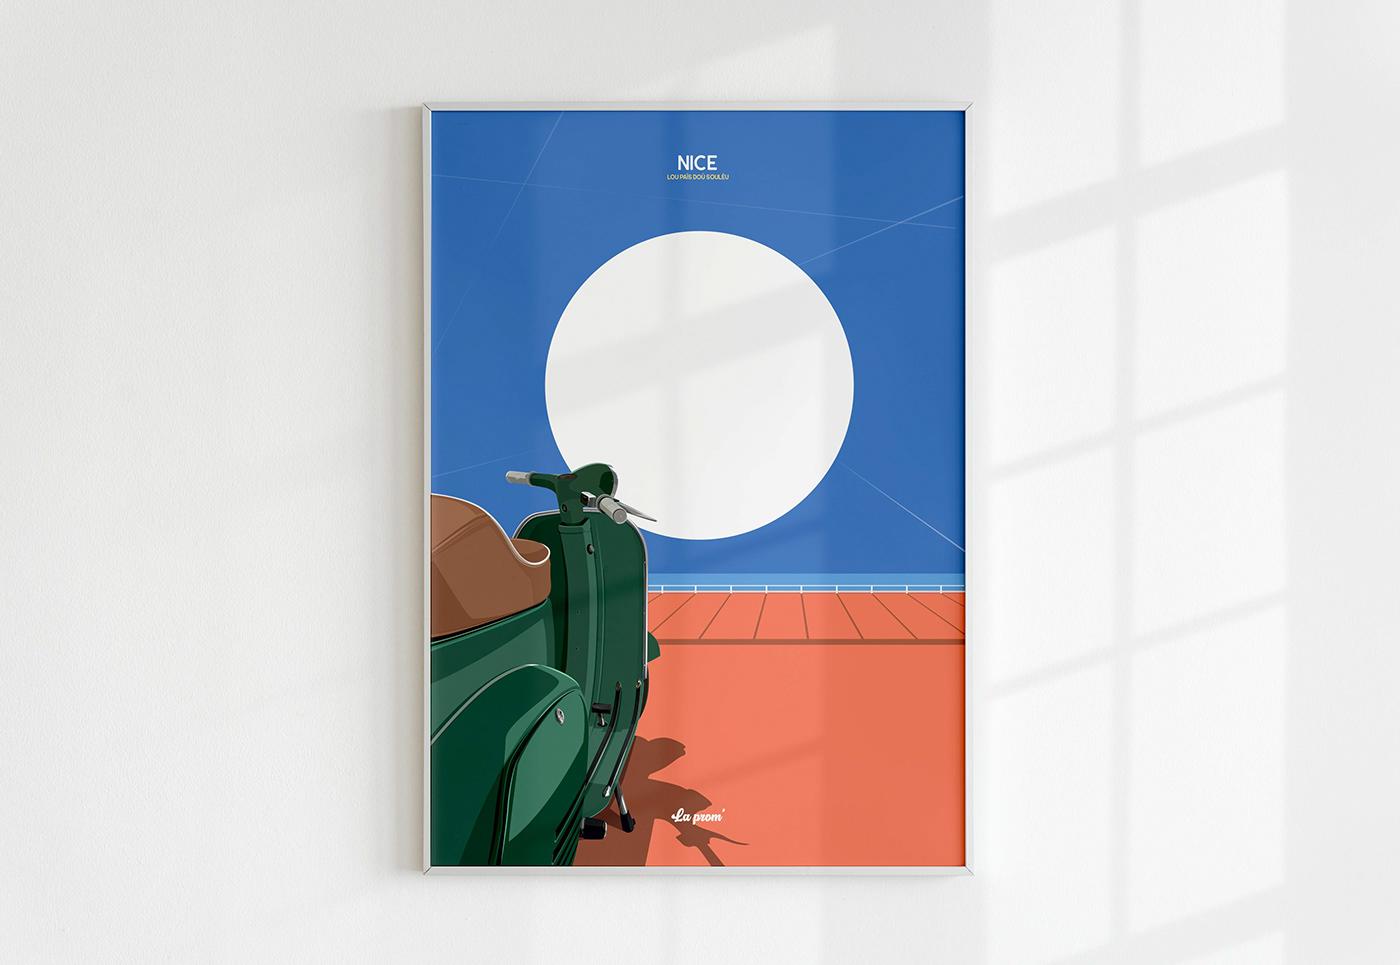 #ilovenice #nice ILLUSTRATION  ILOVENICE lecoupdulapin nice nissa poster Vieux Nice vintage poster